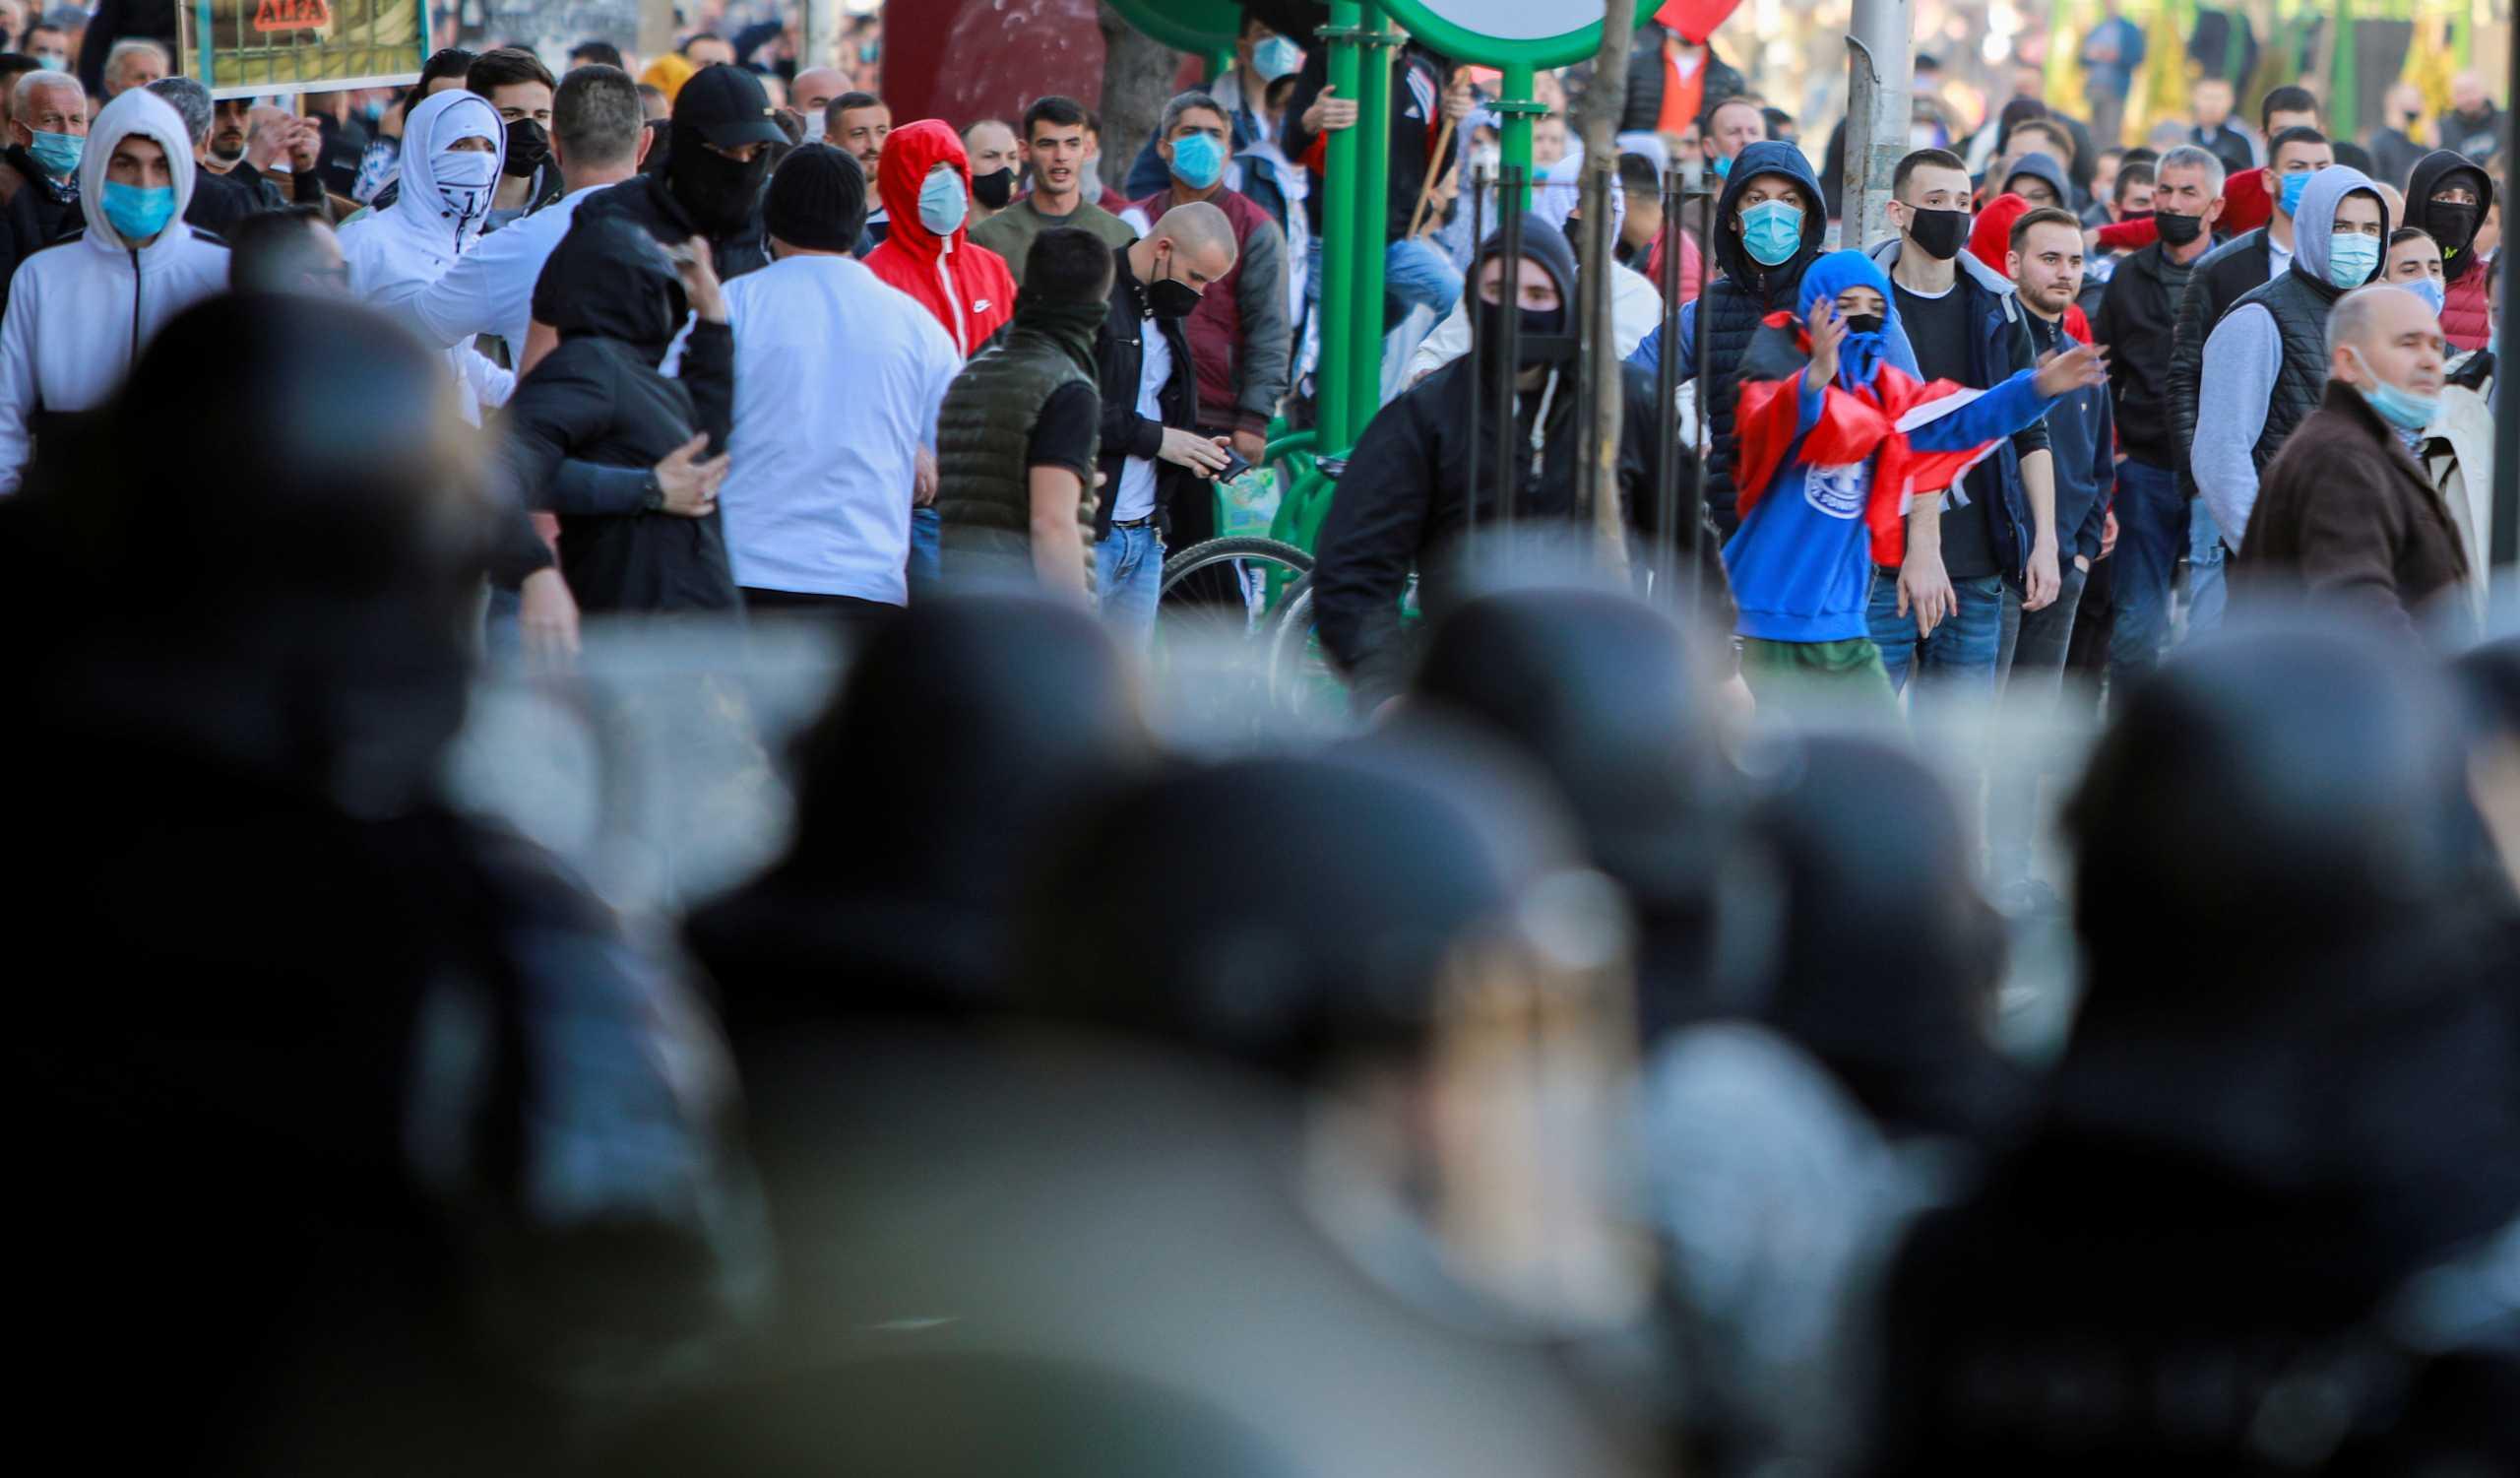 Βόρεια Μακεδονία: Ξεπέρασαν τα 120.000 τα κρούσματα του κορονοϊού